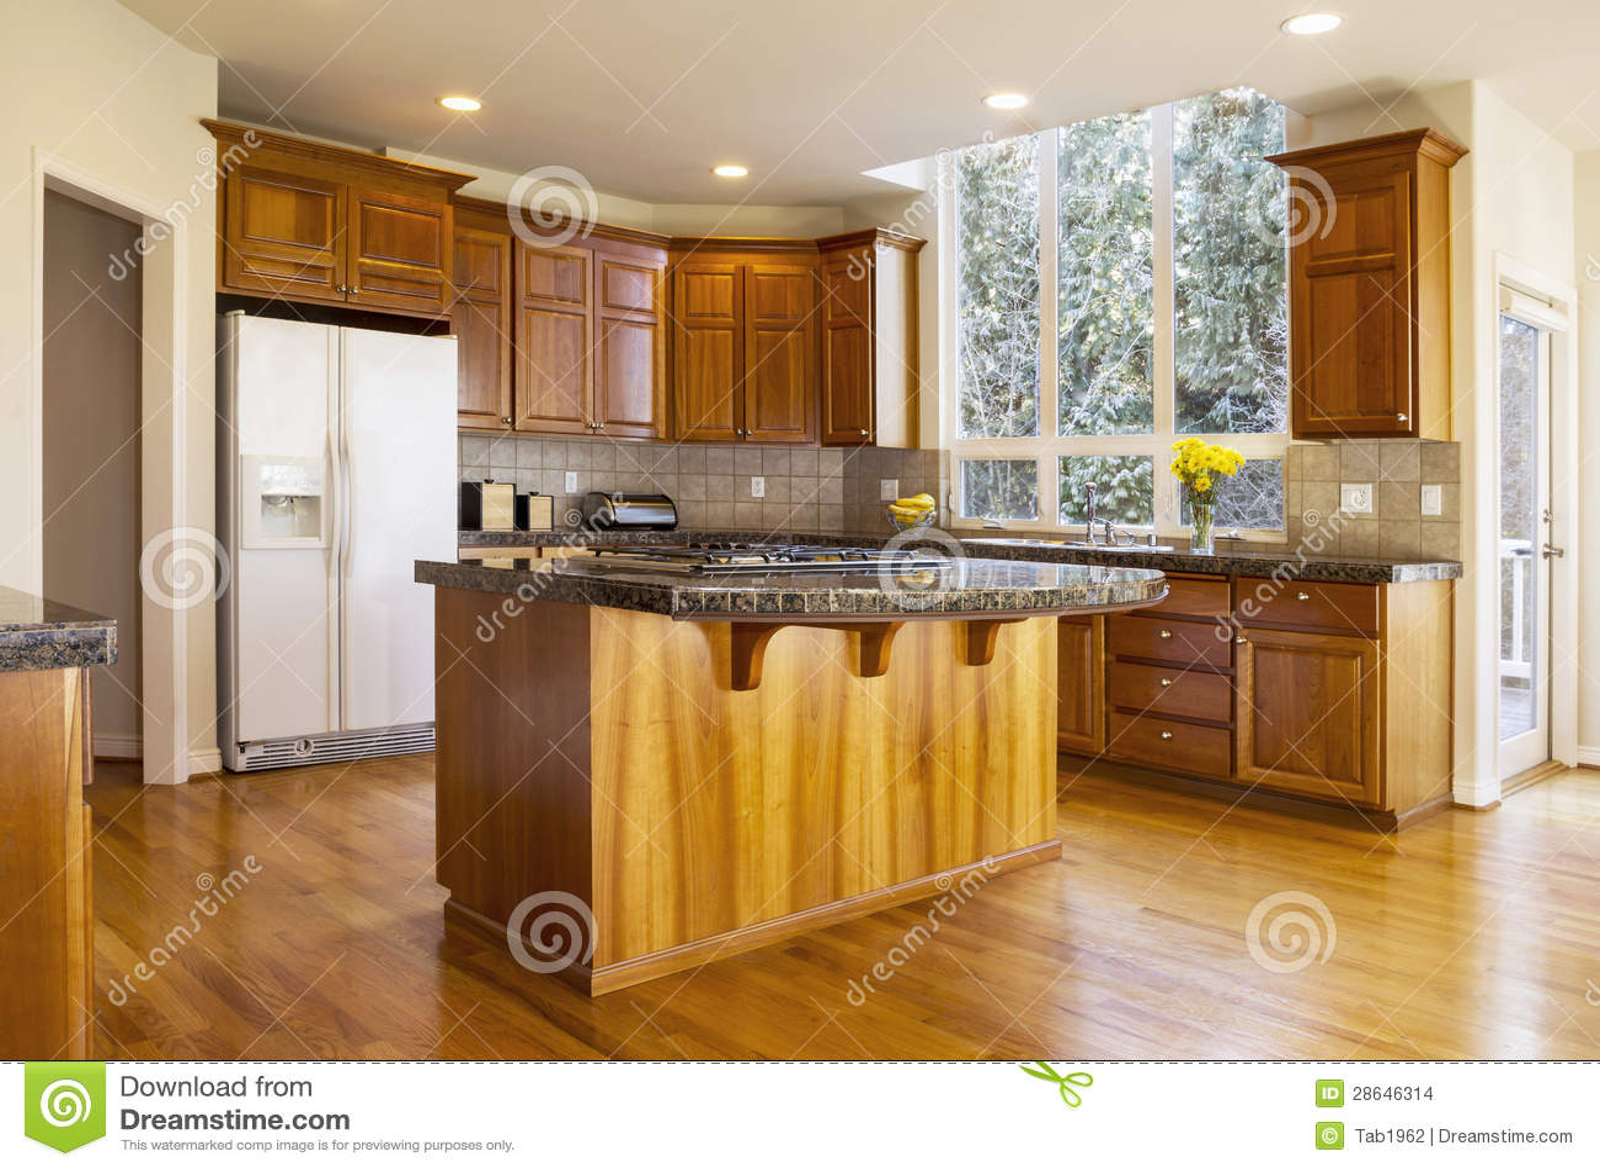 Daglicht Je Keuken : De grote keuken van het daglicht stock foto afbeelding bestaande